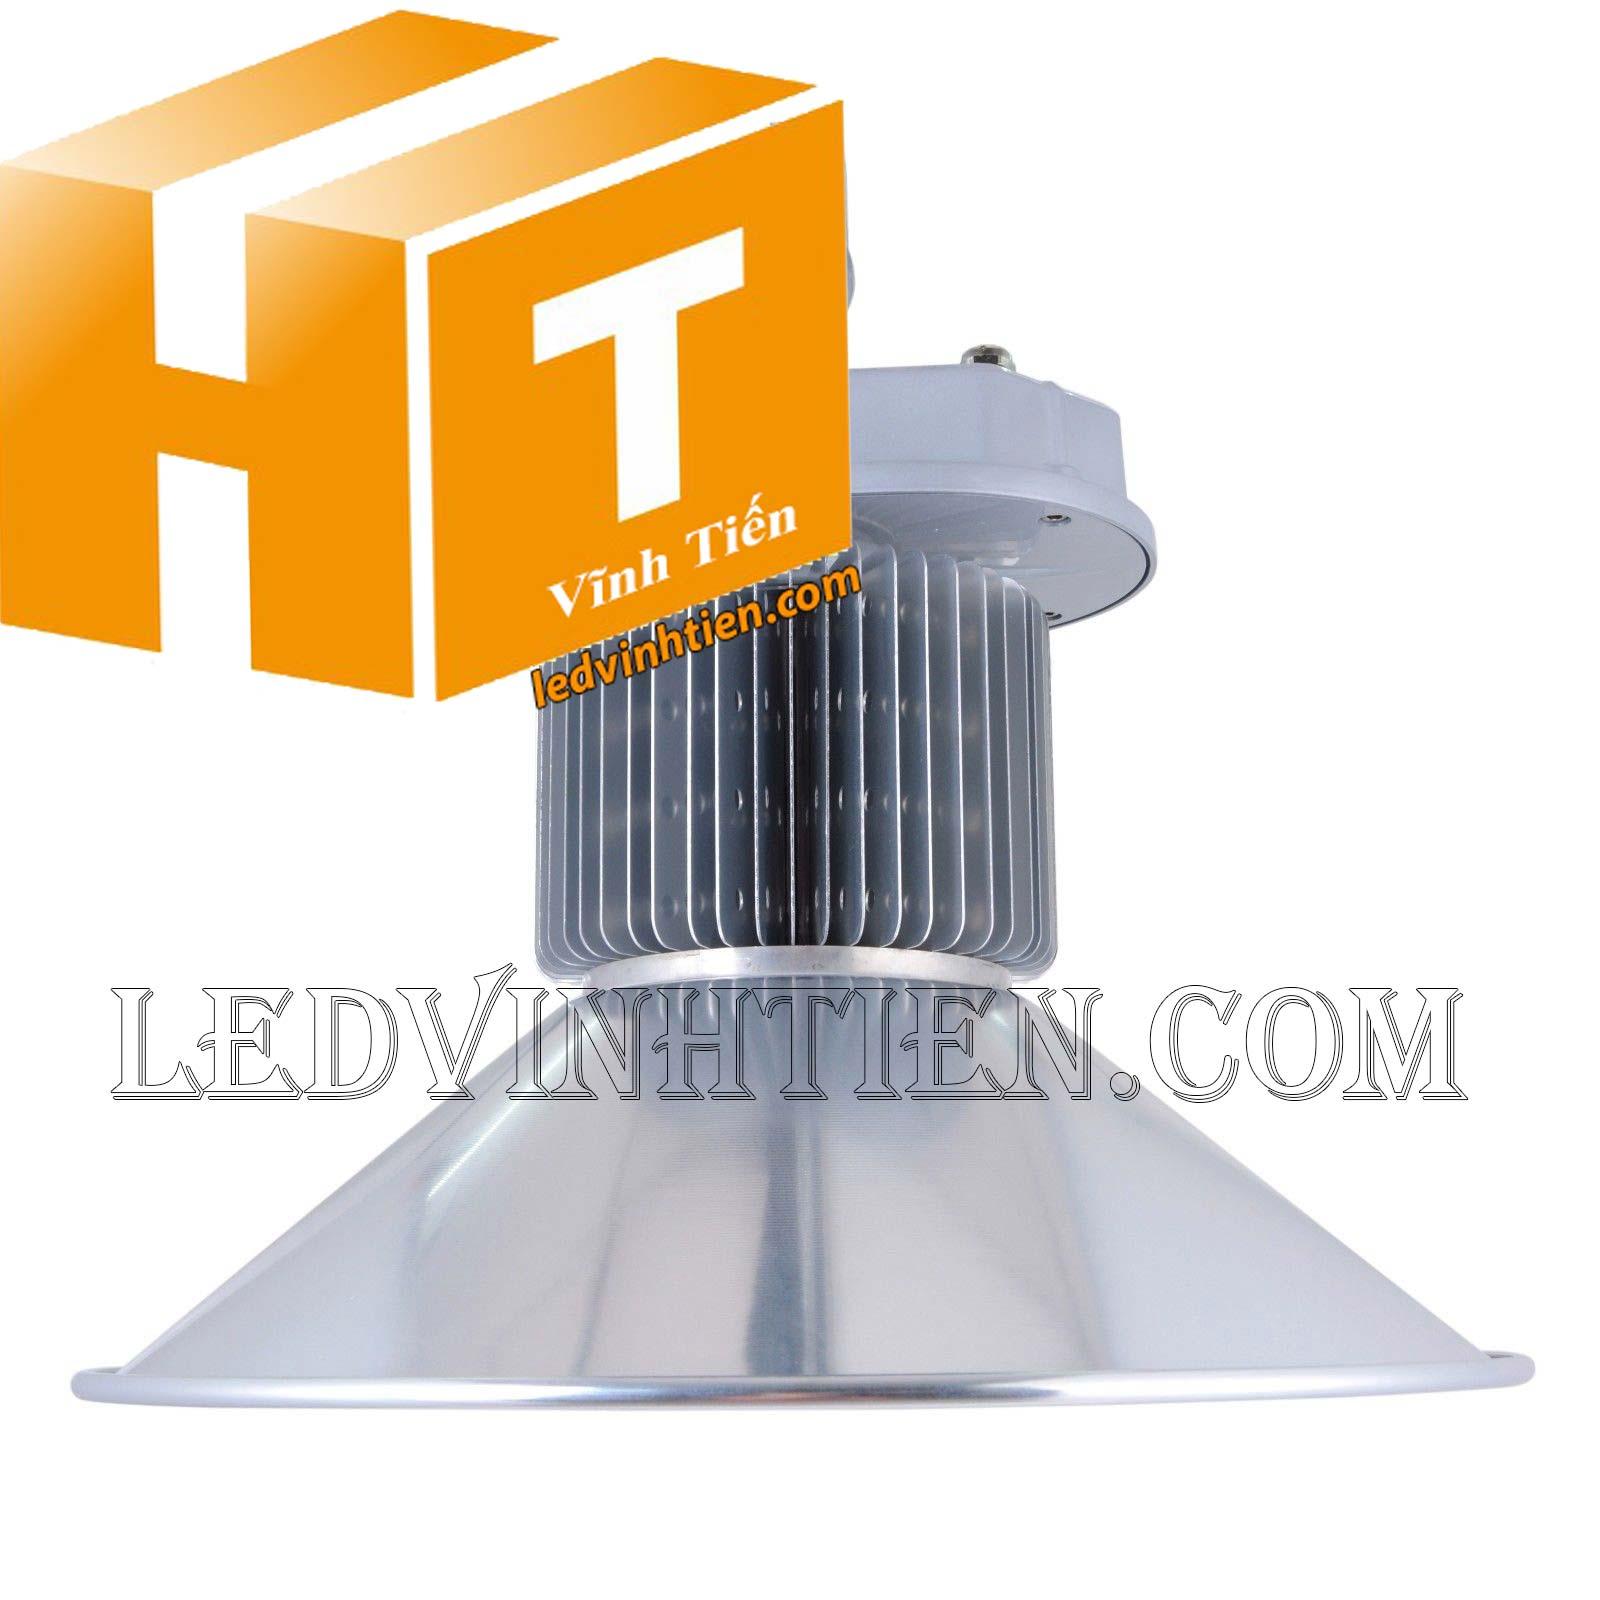 Đèn led nhà xưởng 200W loại tốt, giá rẻ, đủ công suất, Ledvinhtien.com